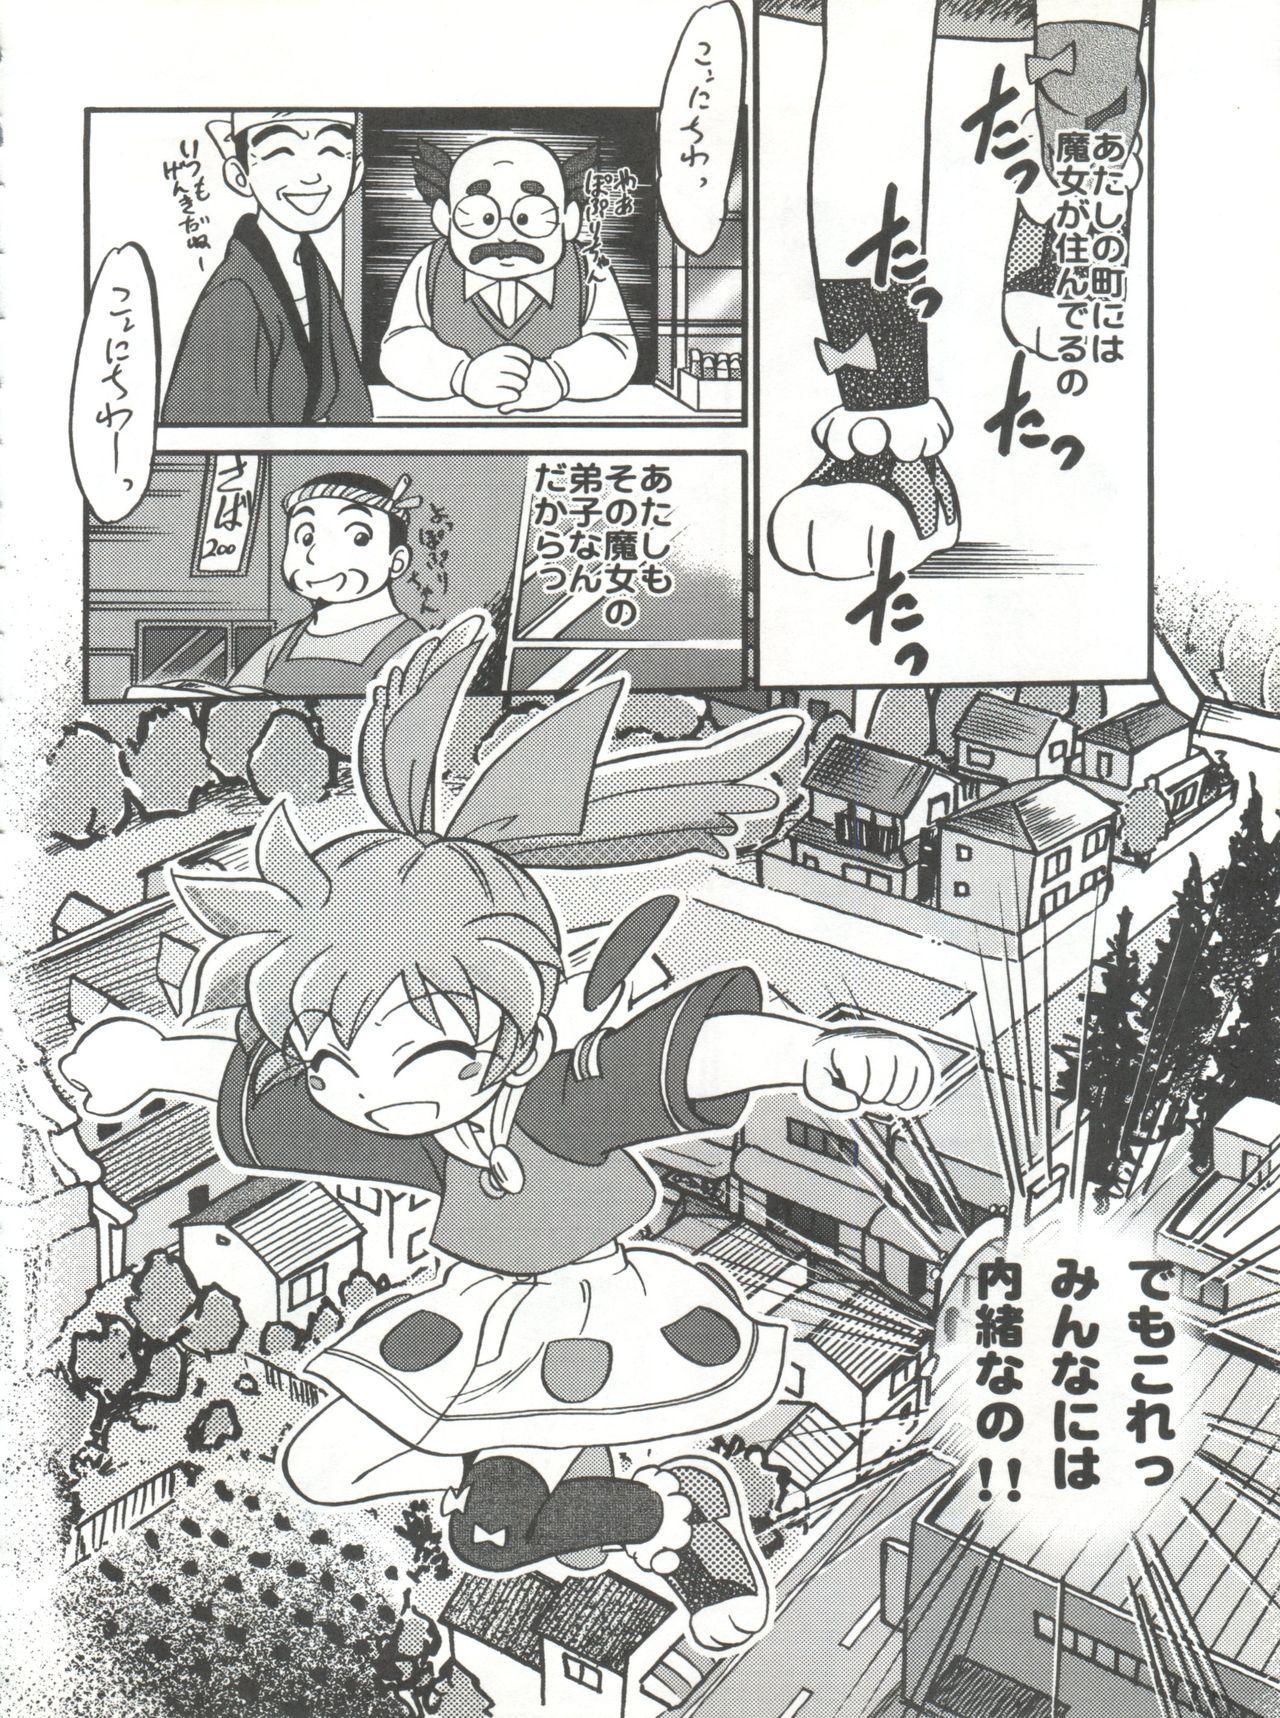 Mahou no Okusuri 20